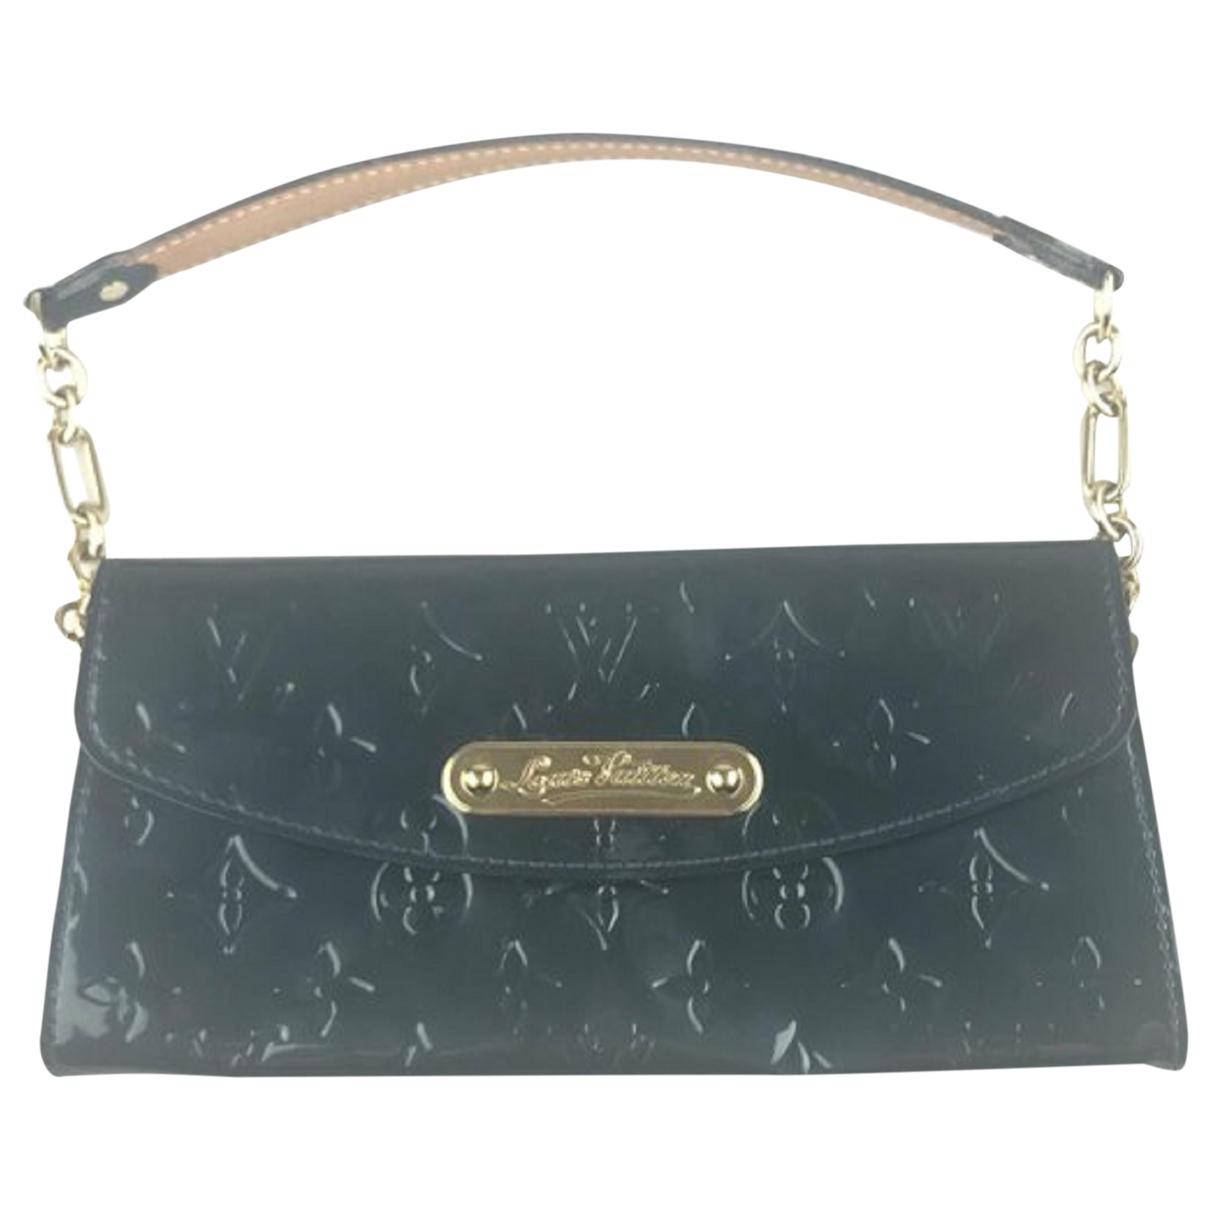 Louis Vuitton \N Clutch in  Gruen Lackleder